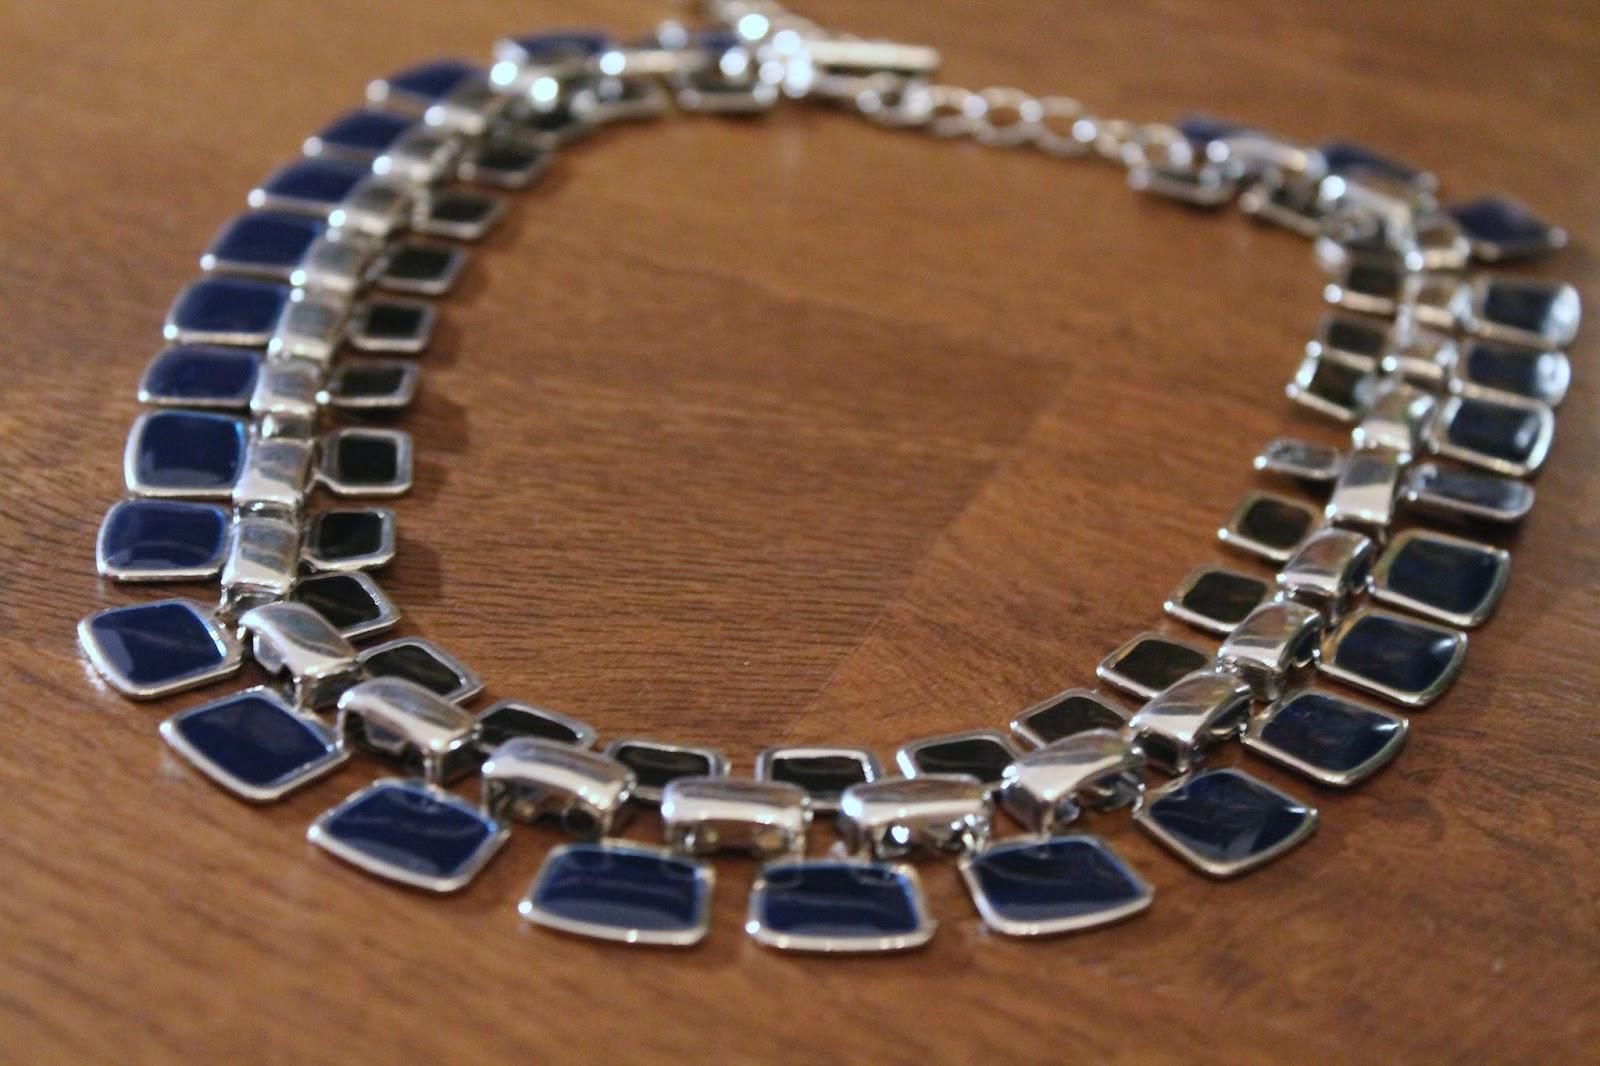 Random acts of kindness week with Debenhams - Ben de Lisi necklace